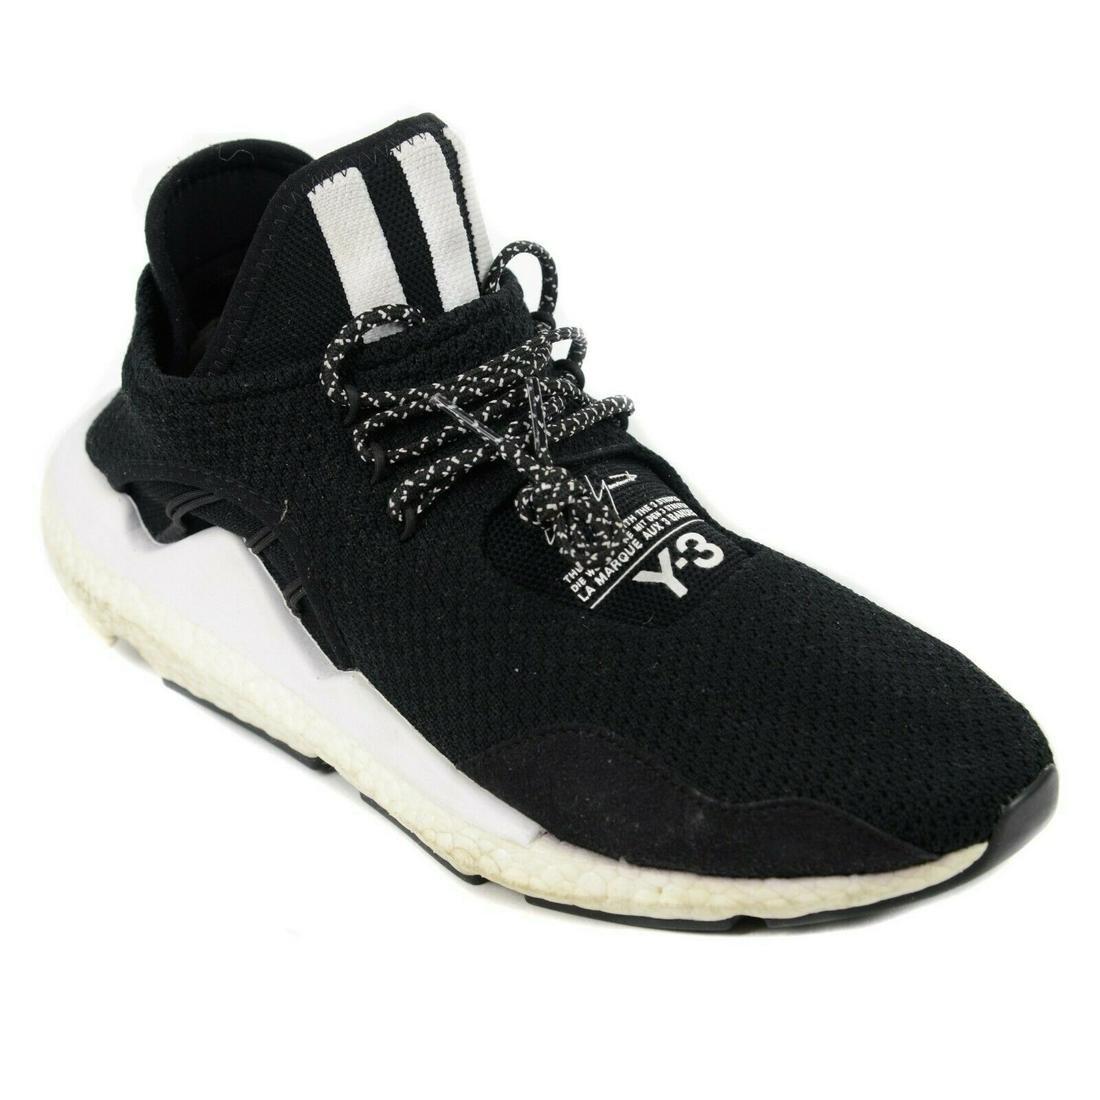 Y-3 x Adidas - Saikou Sneakers - Black White - US 9